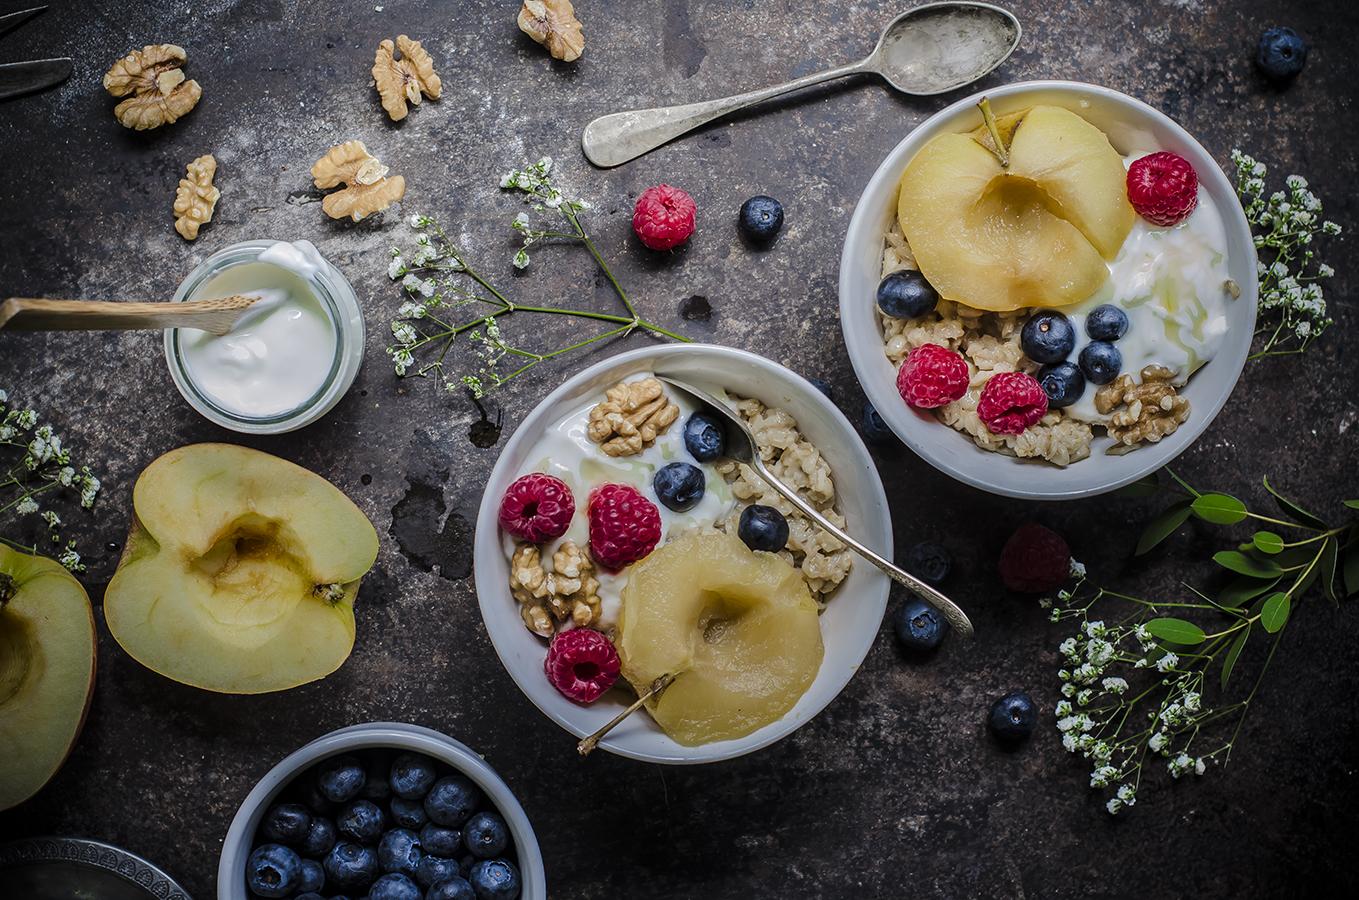 come preparare il porridge d'avena